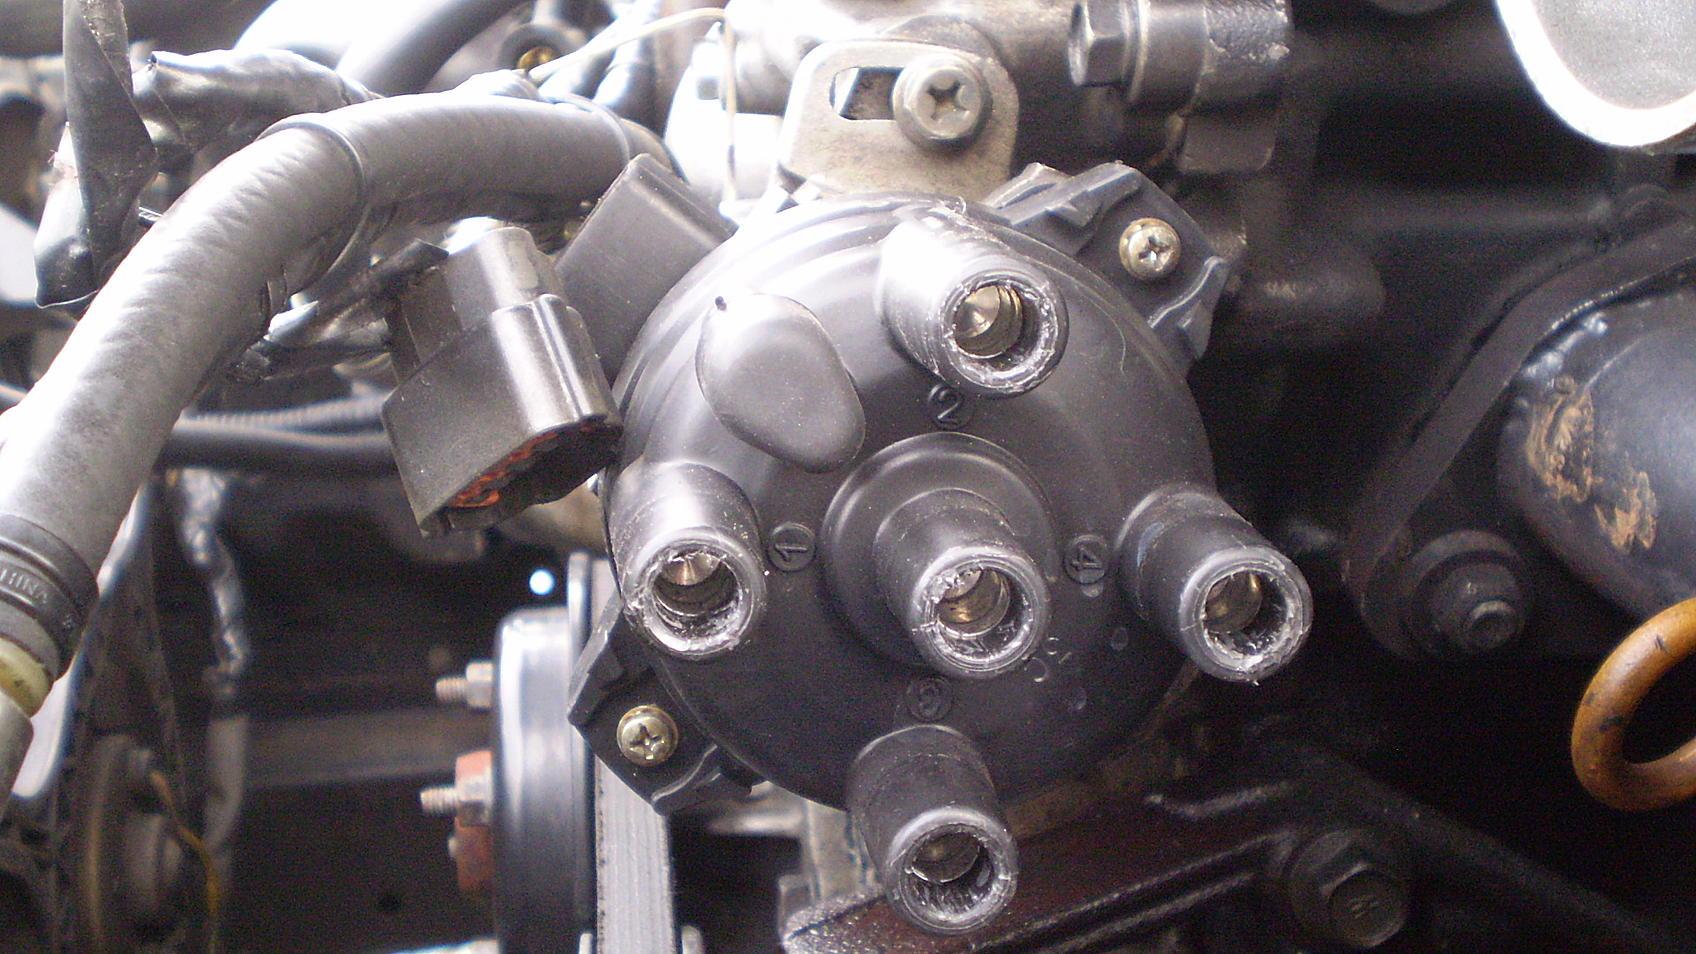 6687d1256123438 95 ka24de no spark issue p6060200?resize=242258 454 plug wire diagram